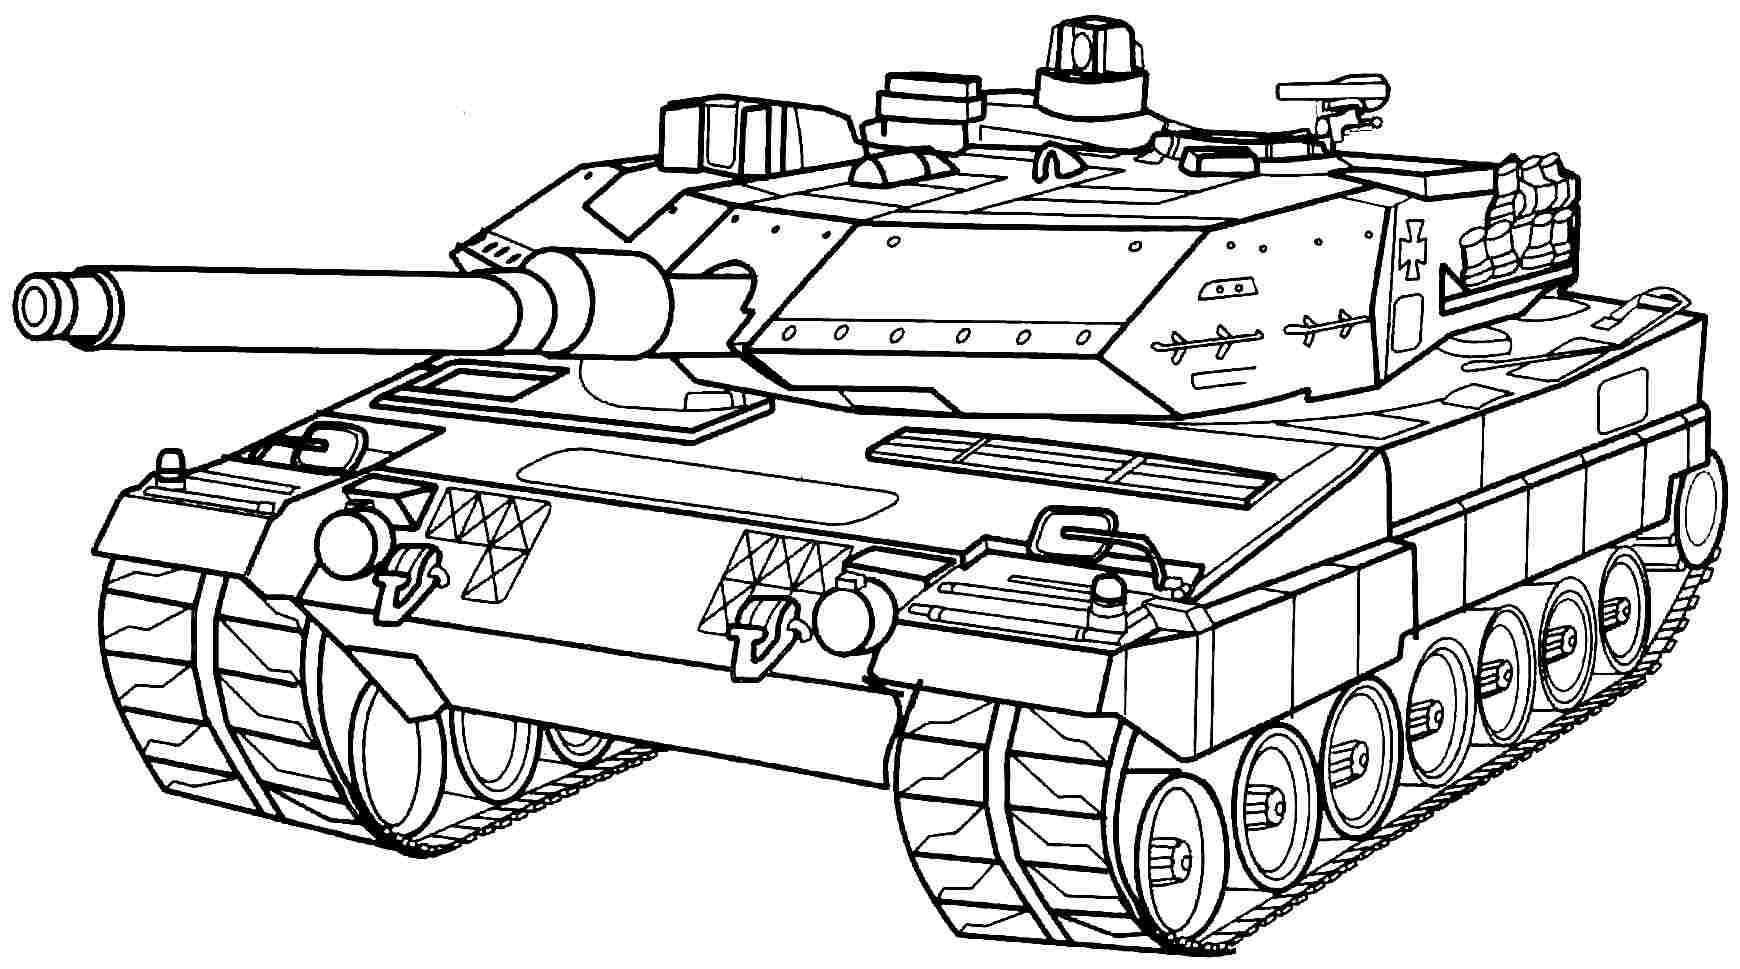 Die Briten Entwickelten Den Panzer Als Reaktion Auf Den Grabenkrieg Des Ersten Weltkriegs 1914 Setzte Sich Ein Ober Ausmalblatt Ausmalen Weihnachtsmalvorlagen